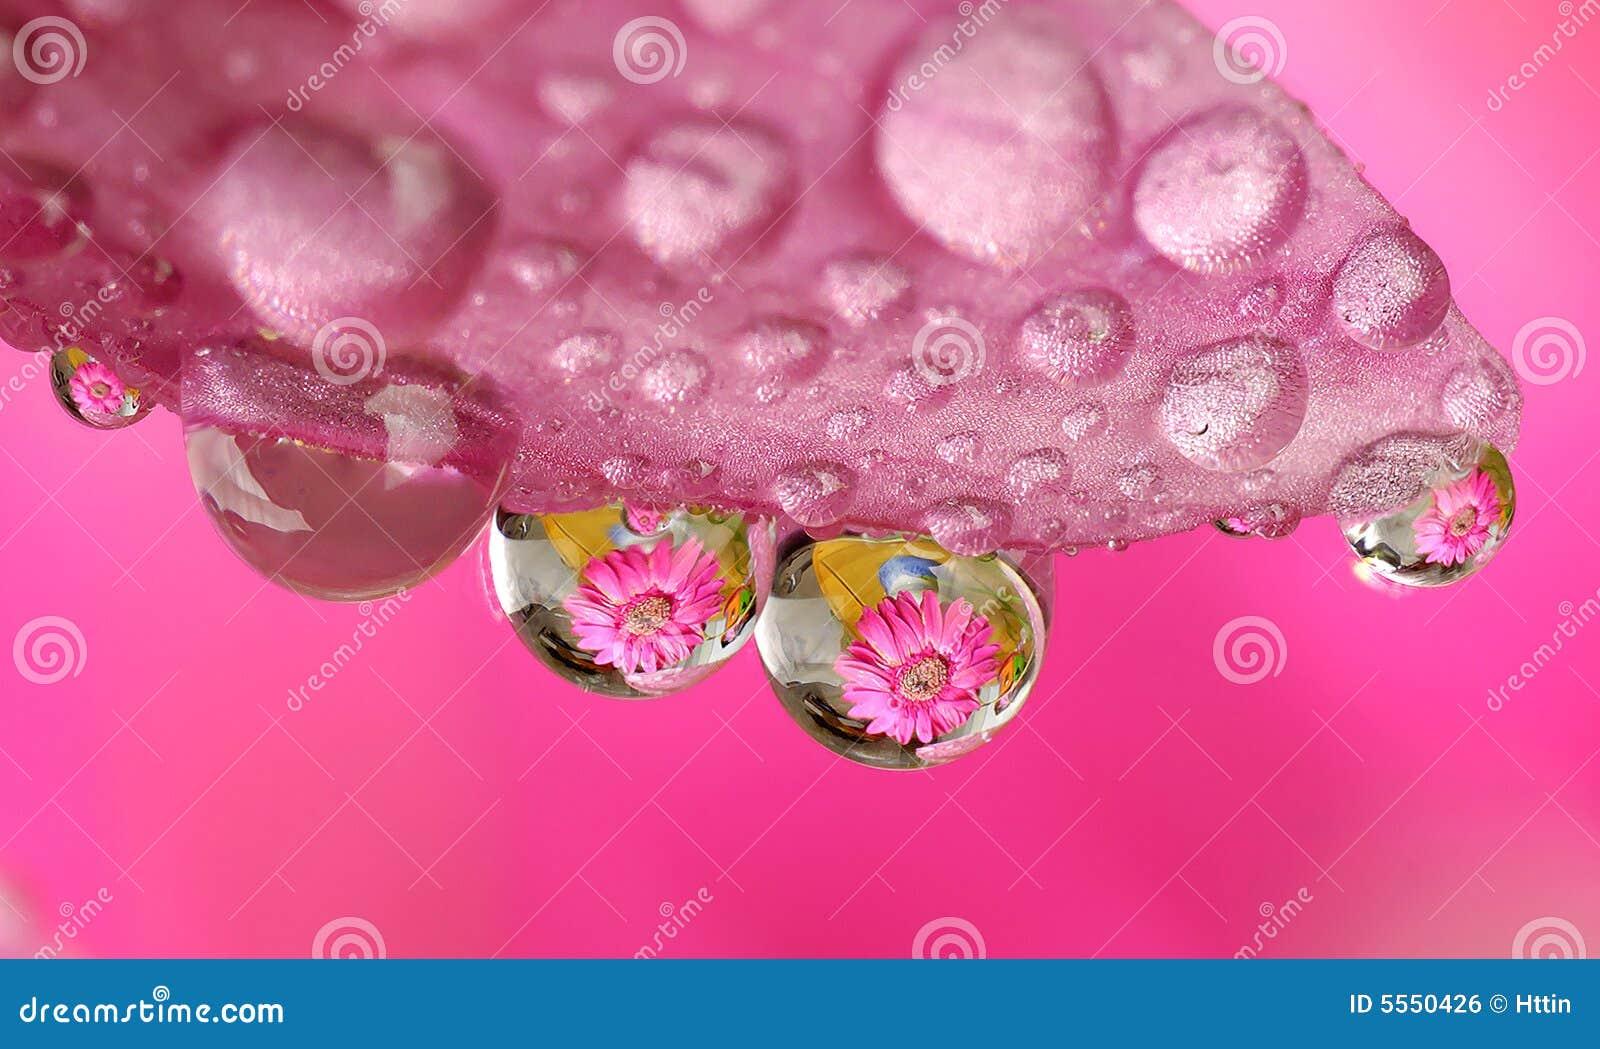 Fiore a macroistruzione di goccia dell acqua